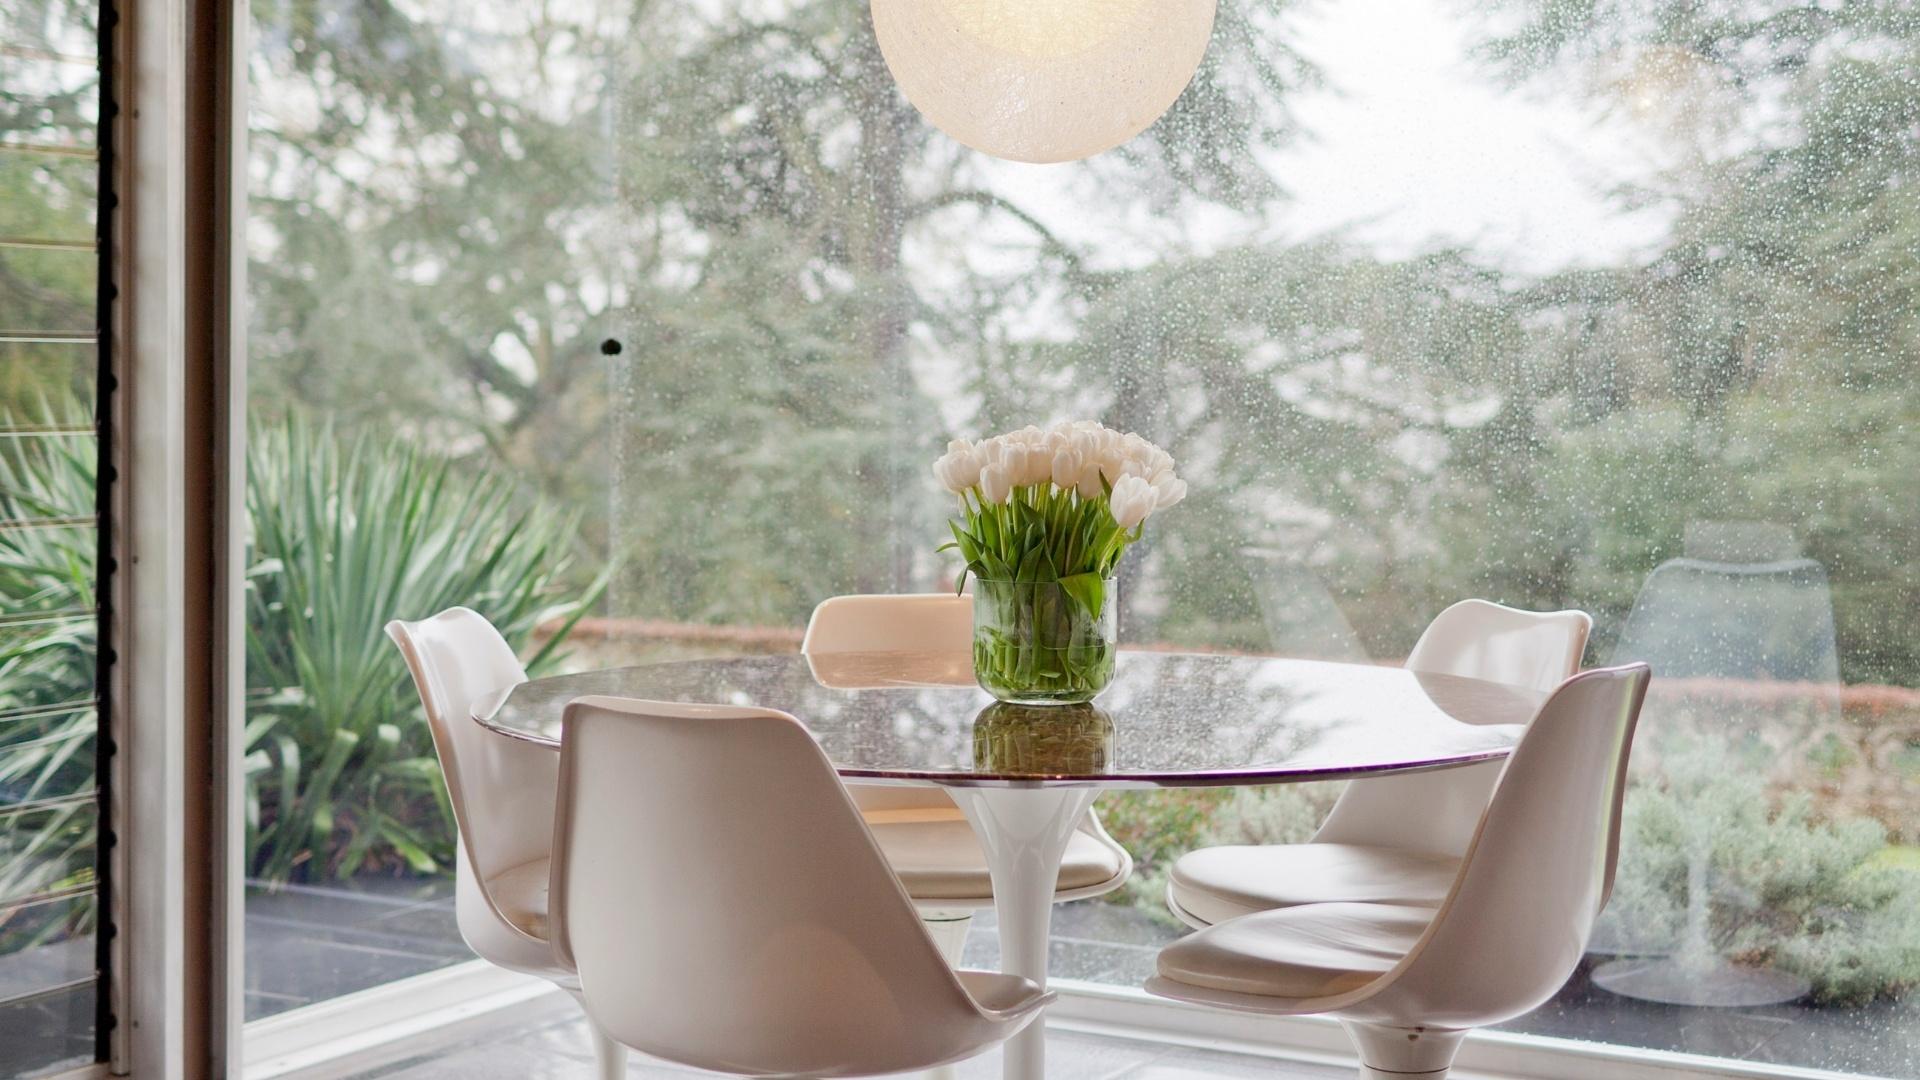 16 Pin Mesa De Jantar Em Madeira Maci On Pinterest #604938 1920x1080